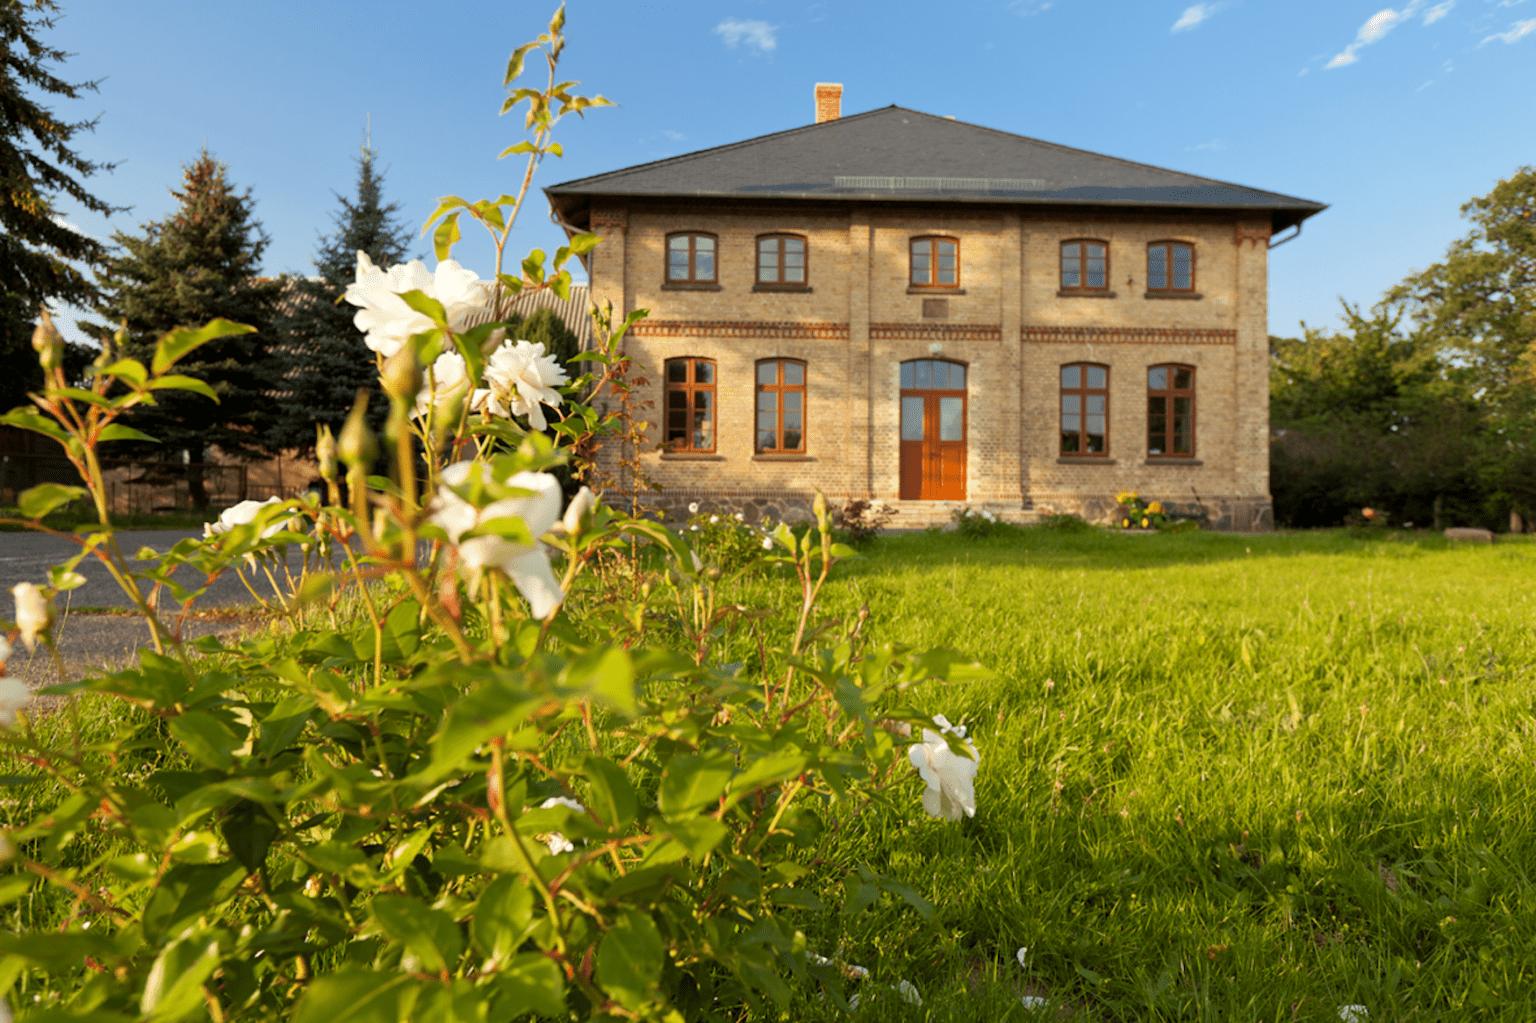 Rund um das Gutshaus Lexow werden zur Abschlussveranstaltung ortsspezifische Installationen und Außenskulpturen von sieben jungen Künstlern und Künstlerinnen zu sehen sein. | Jürgen Höfer